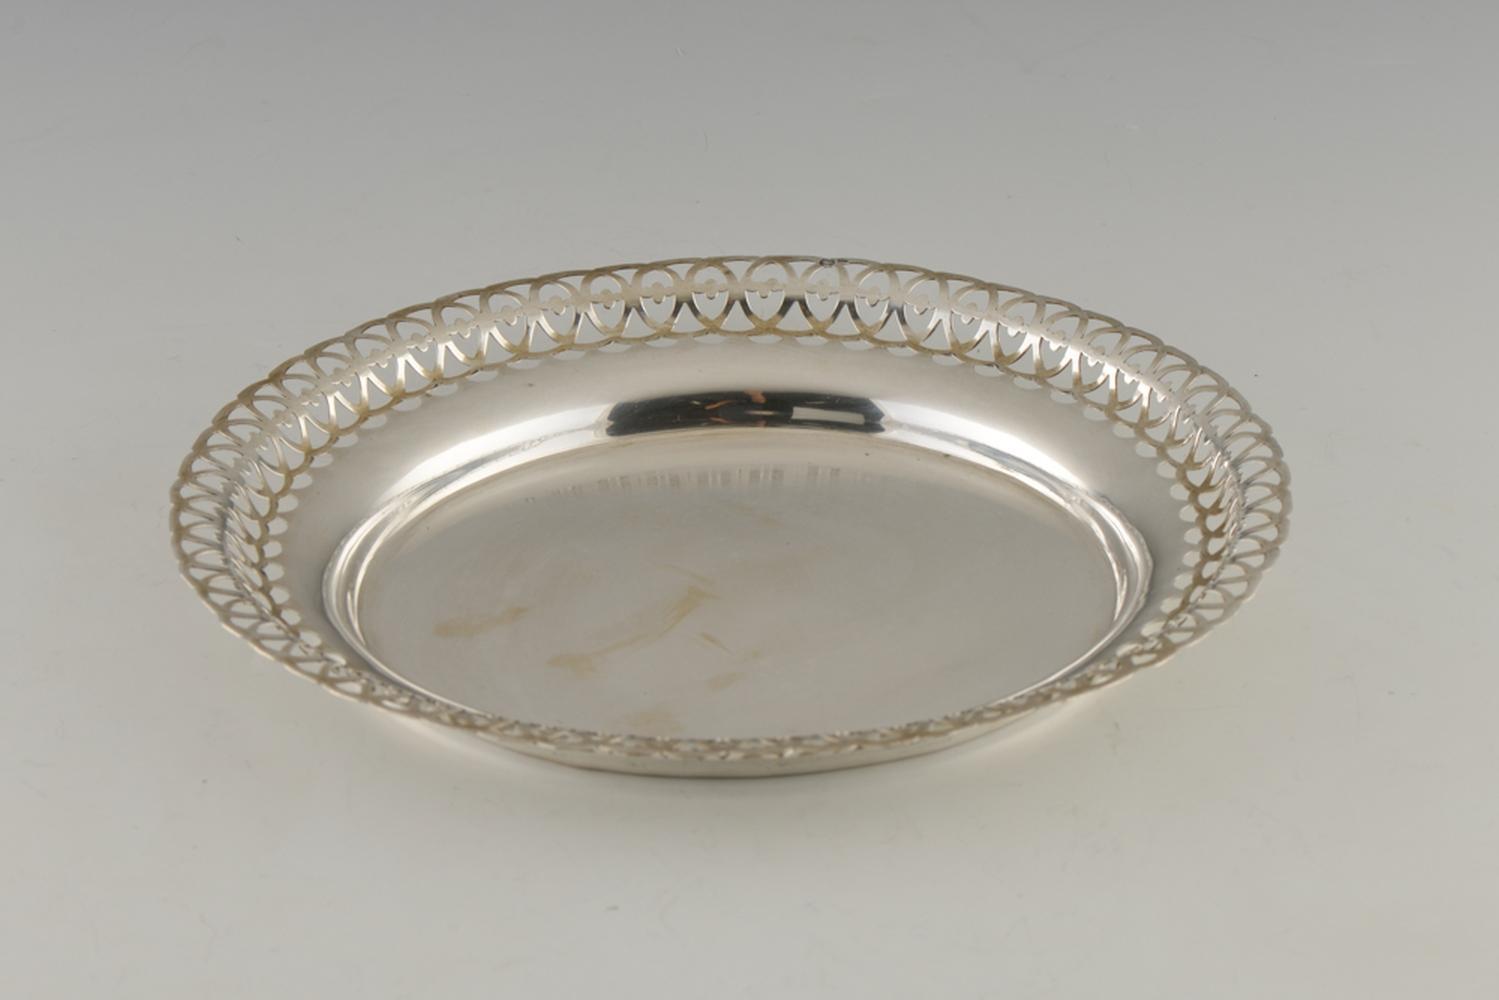 Salva de bordo de gradinha em prata 833%, P.160g.